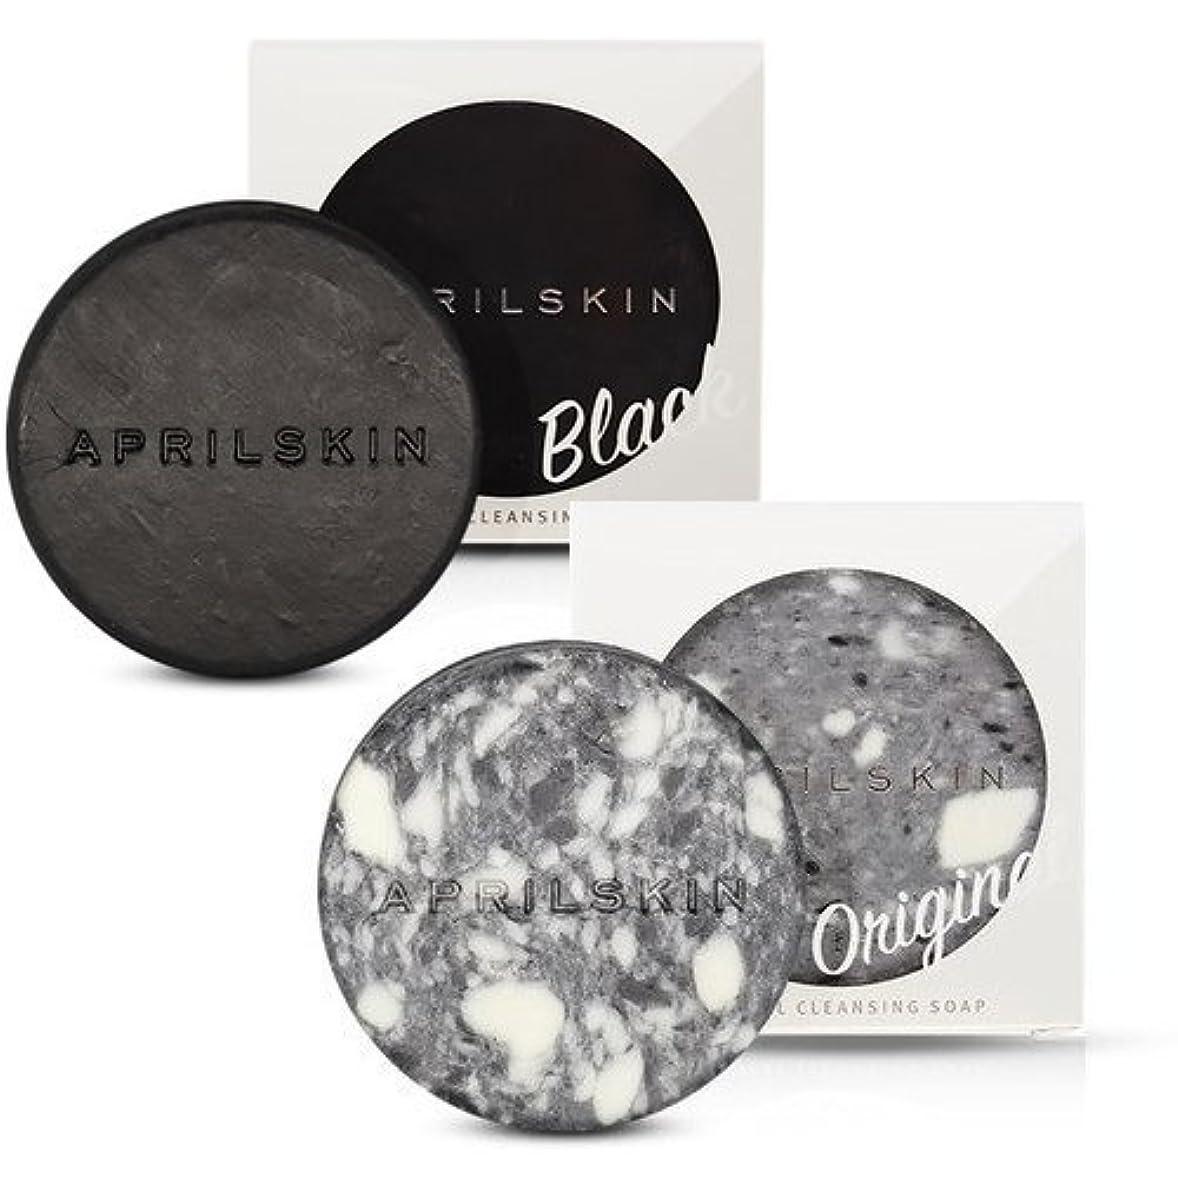 めんどり戸口水曜日[1+1][APRILSKIN] エイプリルスキン国民石鹸 (APRIL SKIN マジックストーンのリニューアルバージョン新発売) (ORIGINAL+BLACK) [並行輸入品]